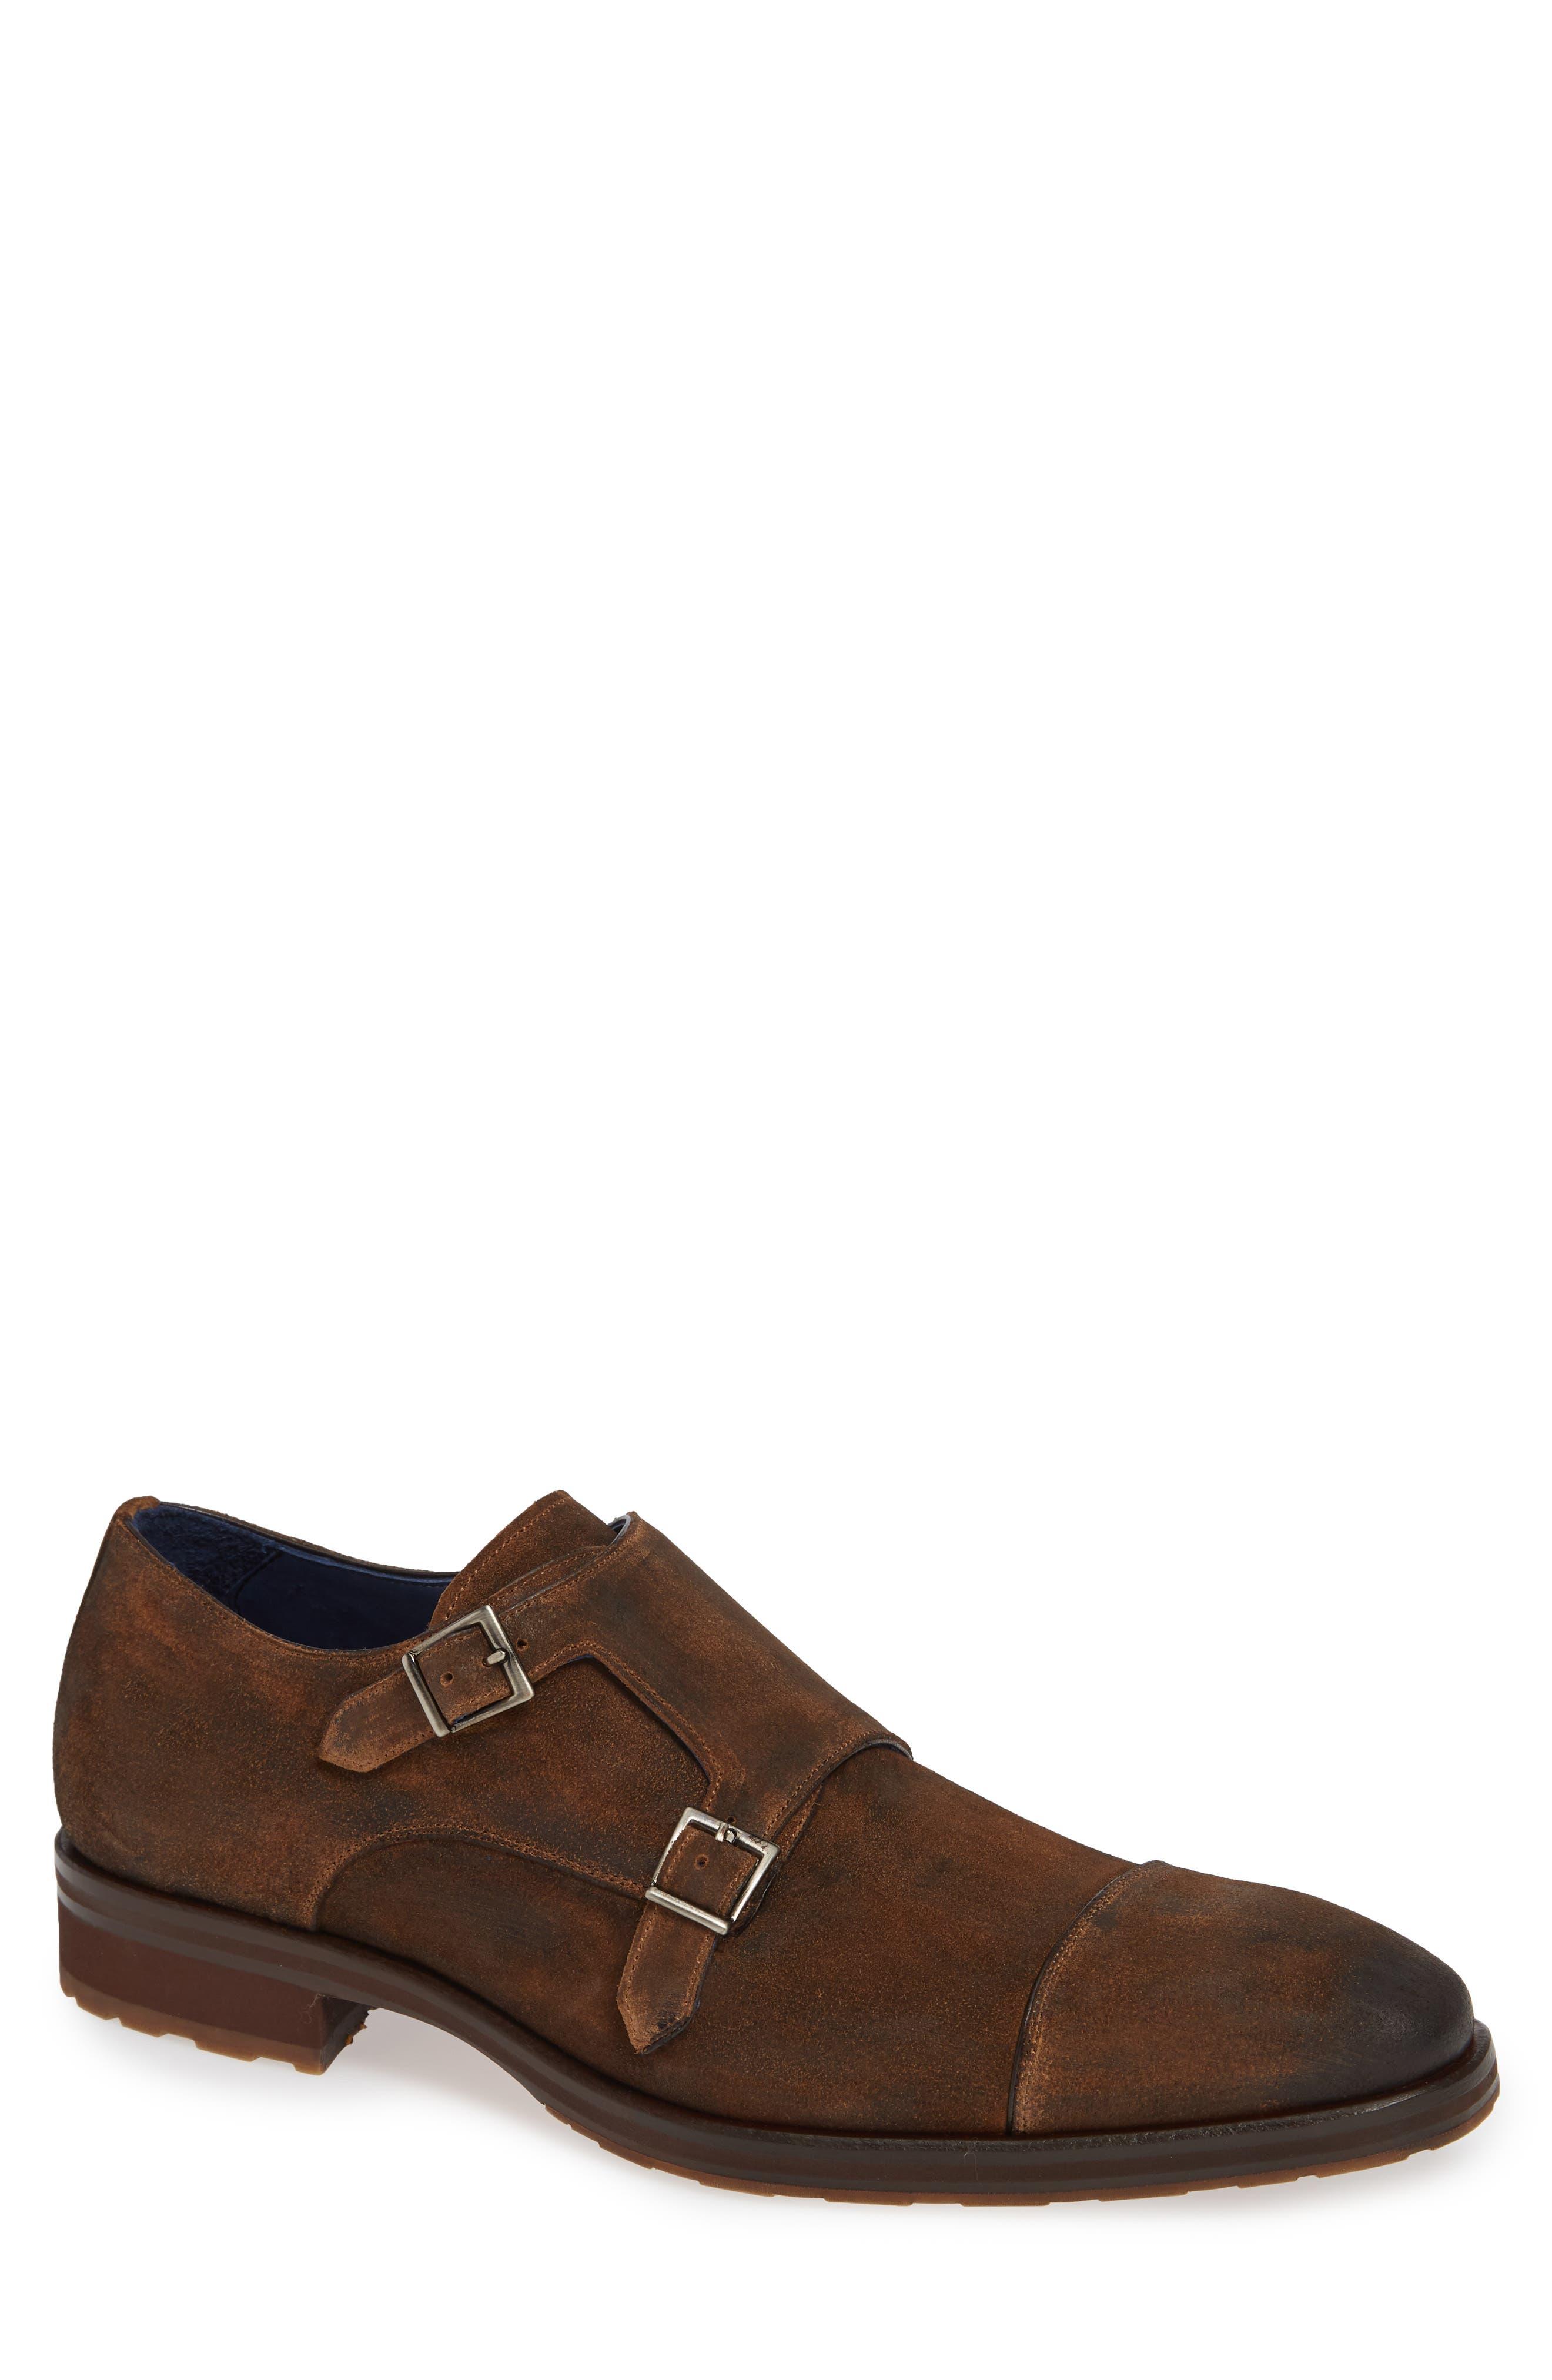 Miguel Double Monk Strap Shoe,                         Main,                         color, TAN SUEDE